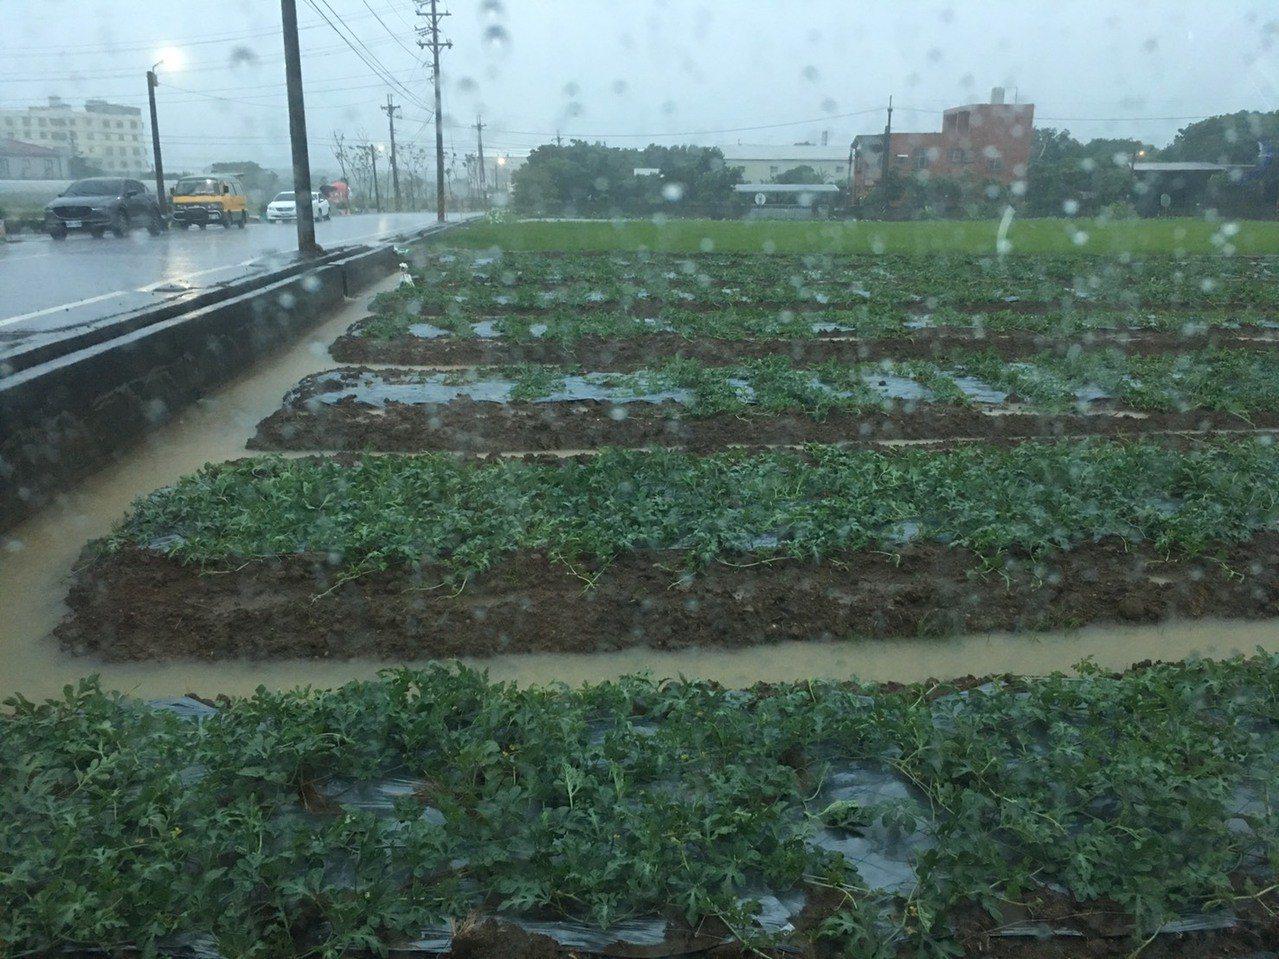 受豪雨影響,桃園市政府農業局初步統計桃園淹水農損達77.65公頃,又以西瓜、洋香...